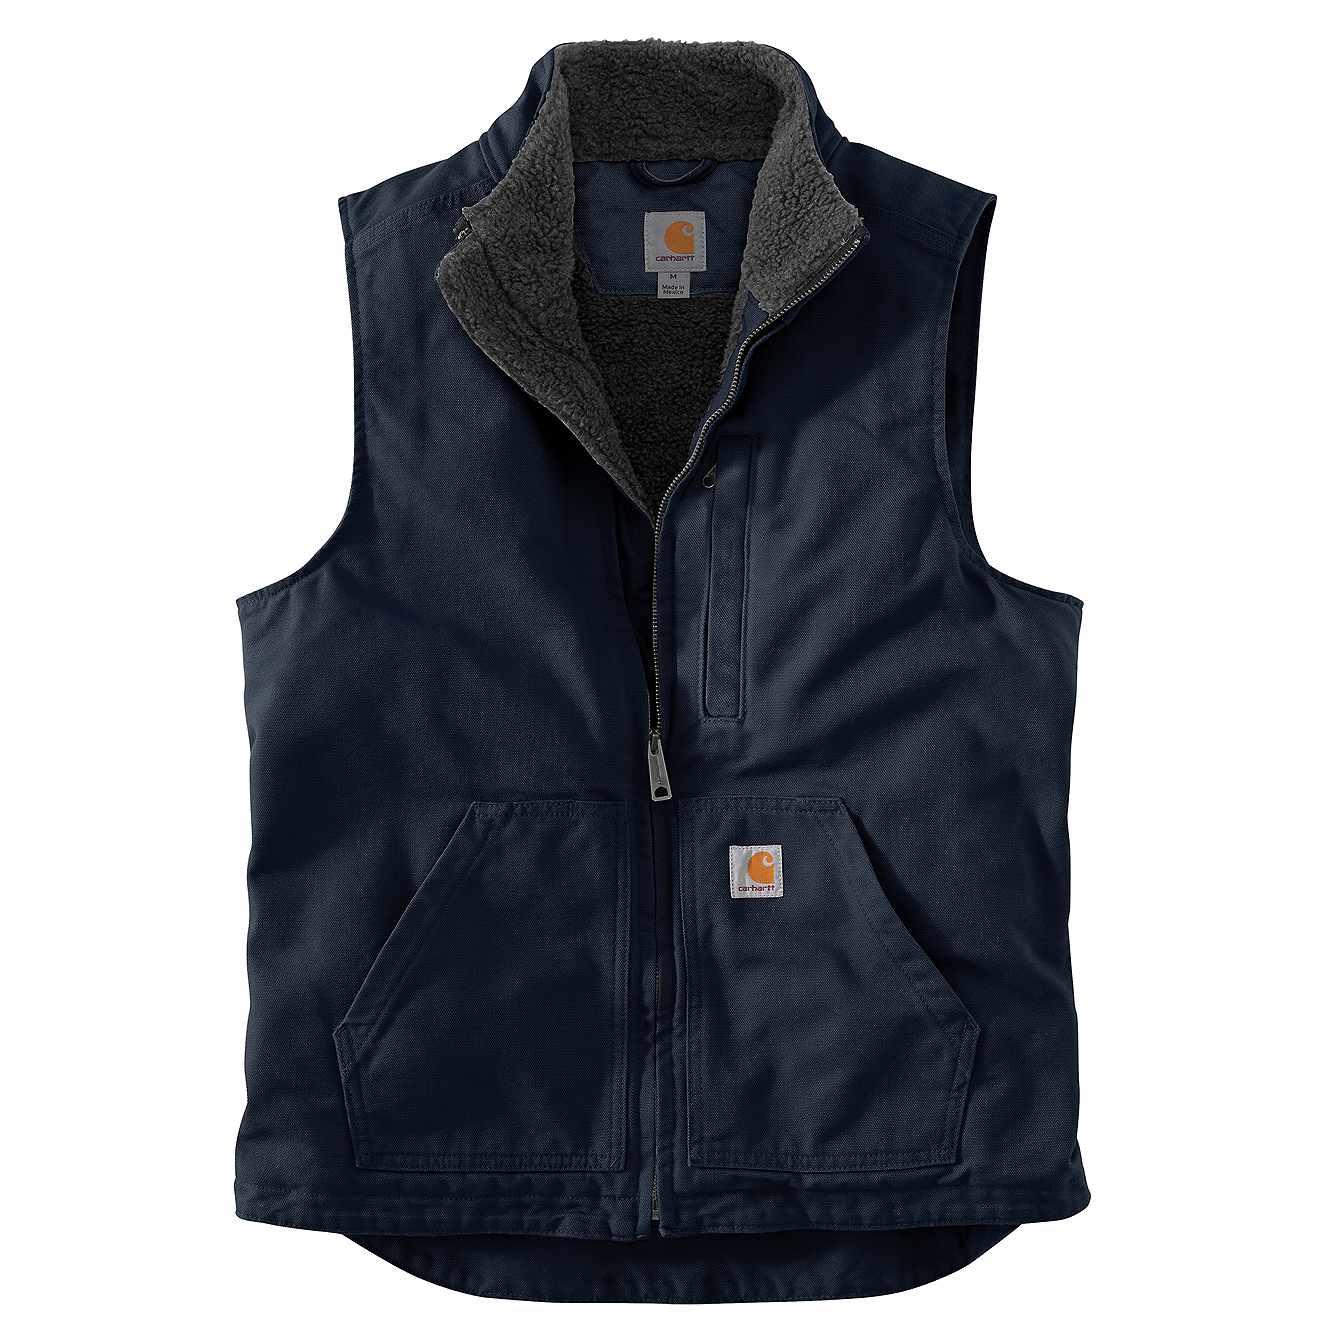 Carhartt vest navy 104277-I26